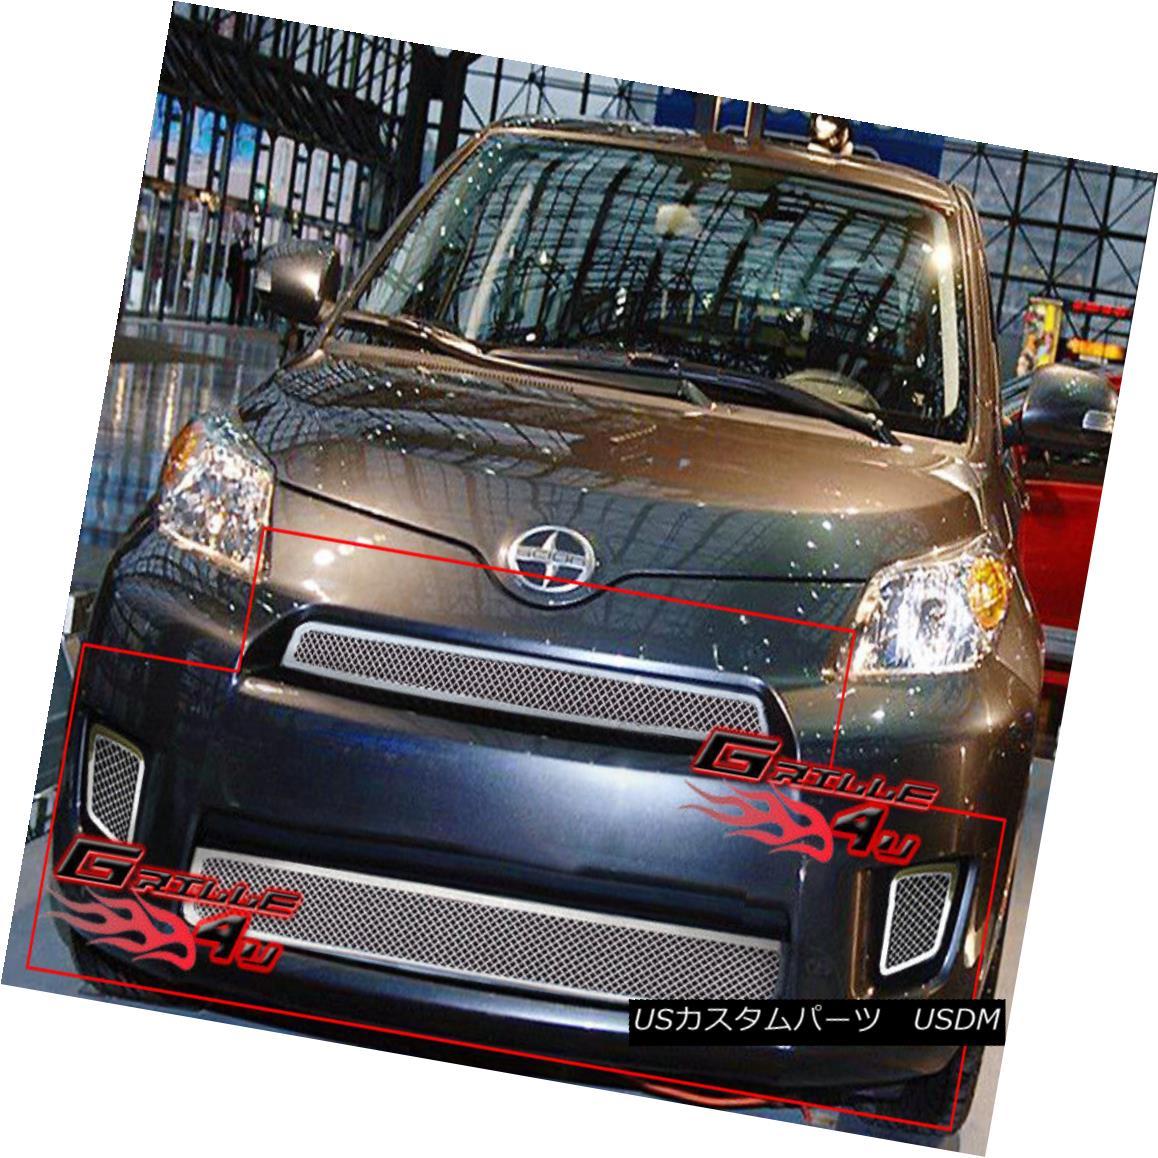 グリル For 07-11 2011 Scion XD Stainless Mesh Grille Combo Insert 2011年7月11日Scion XDステンレスメッシュグリルコンボインサート